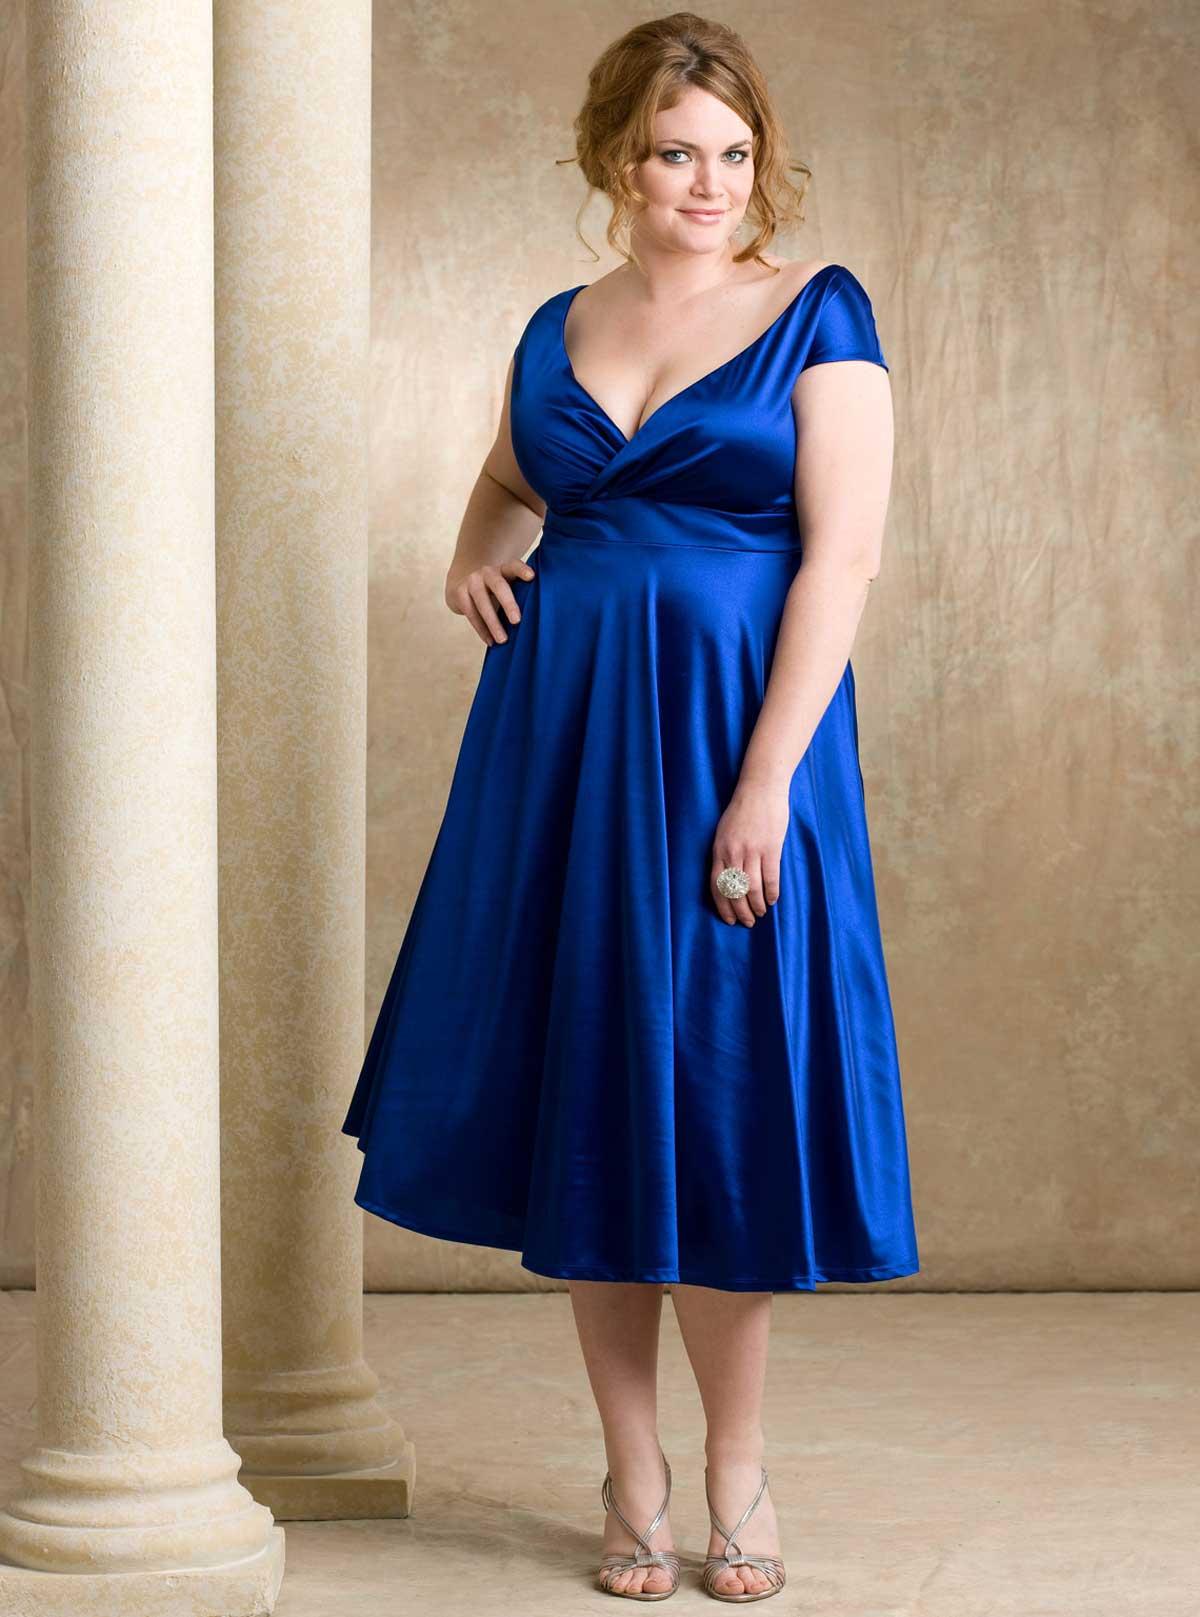 Büyük beden mavi parti elbisesi - Kokteyl Elbiseleri elbise Büyük Beden Kokteyl büyük beden elbise büyük beden